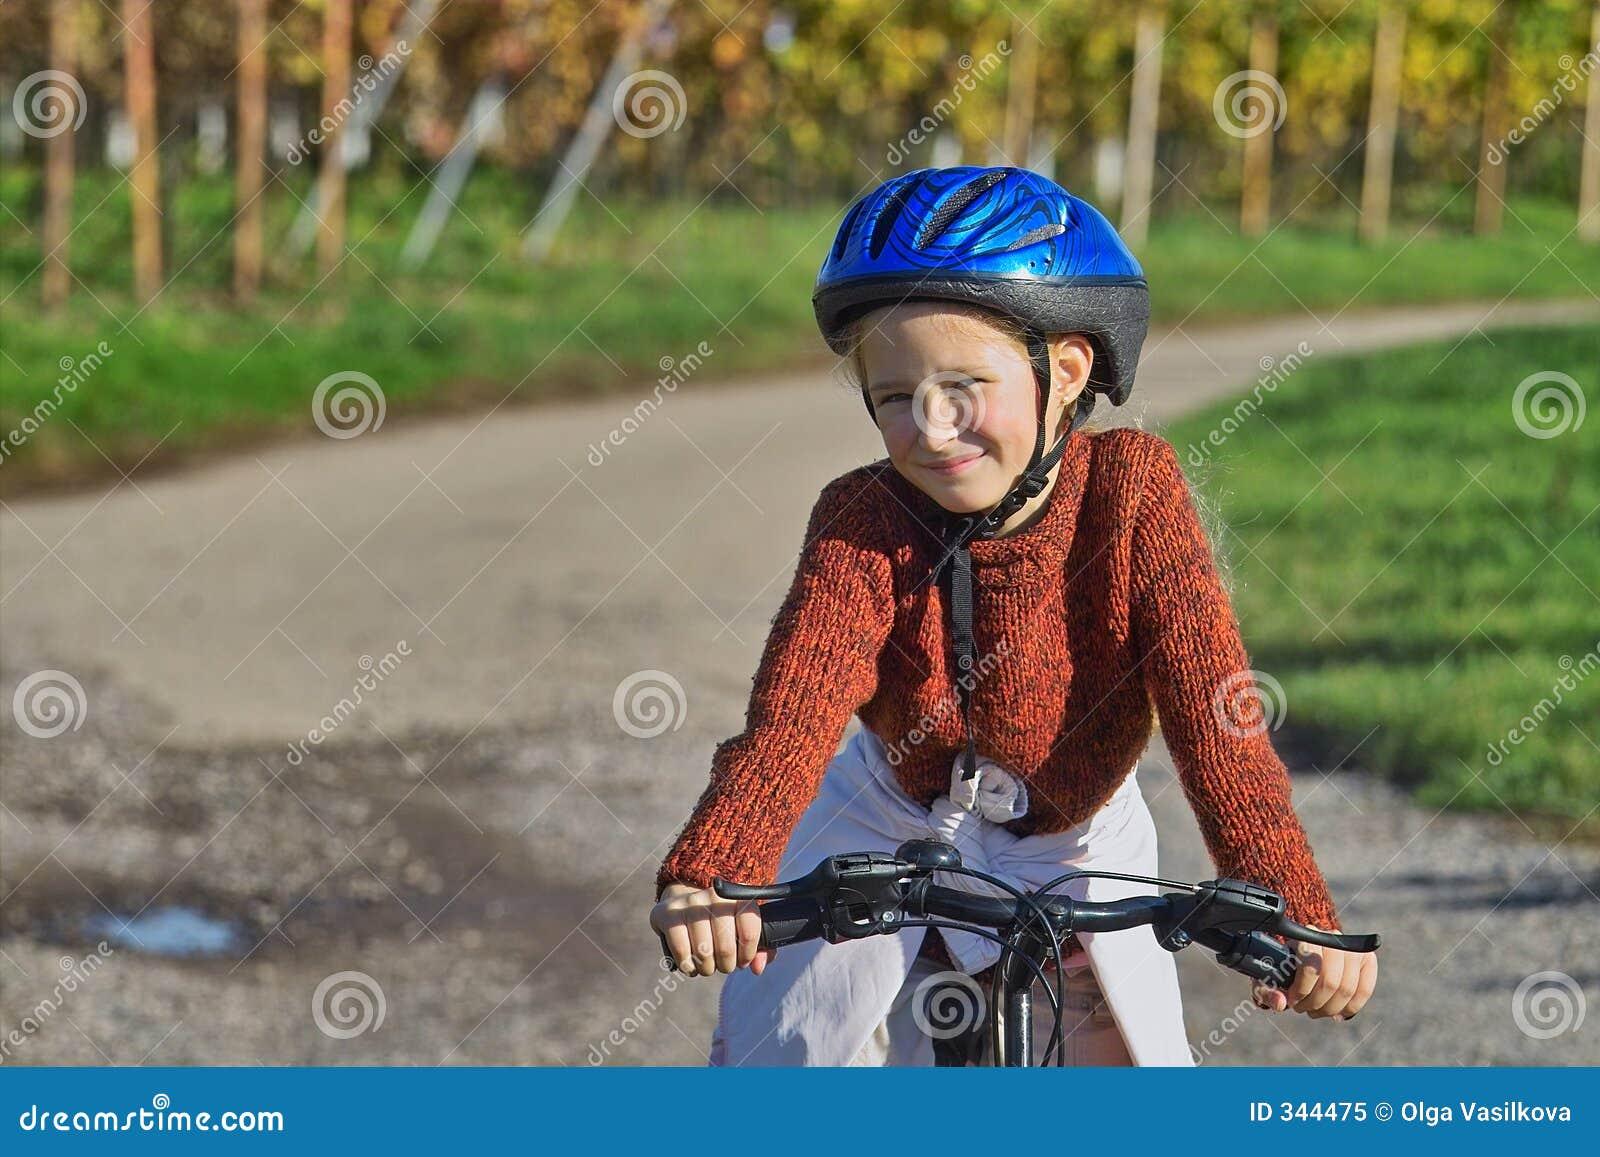 Fun with bike